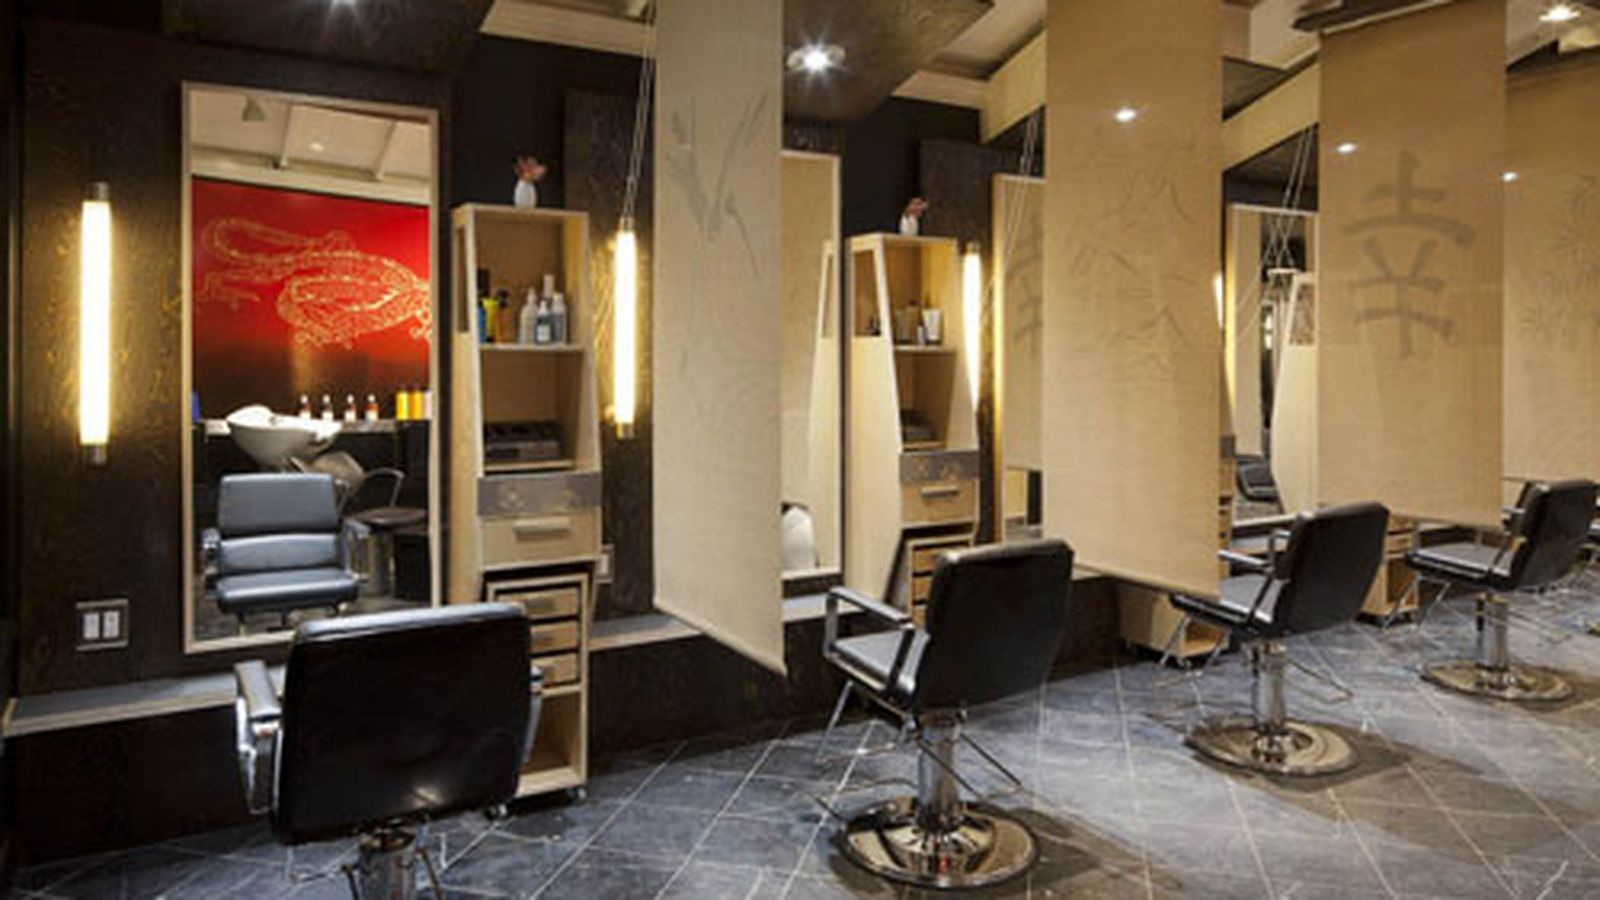 Идеи интерьера для парикмахерской фото